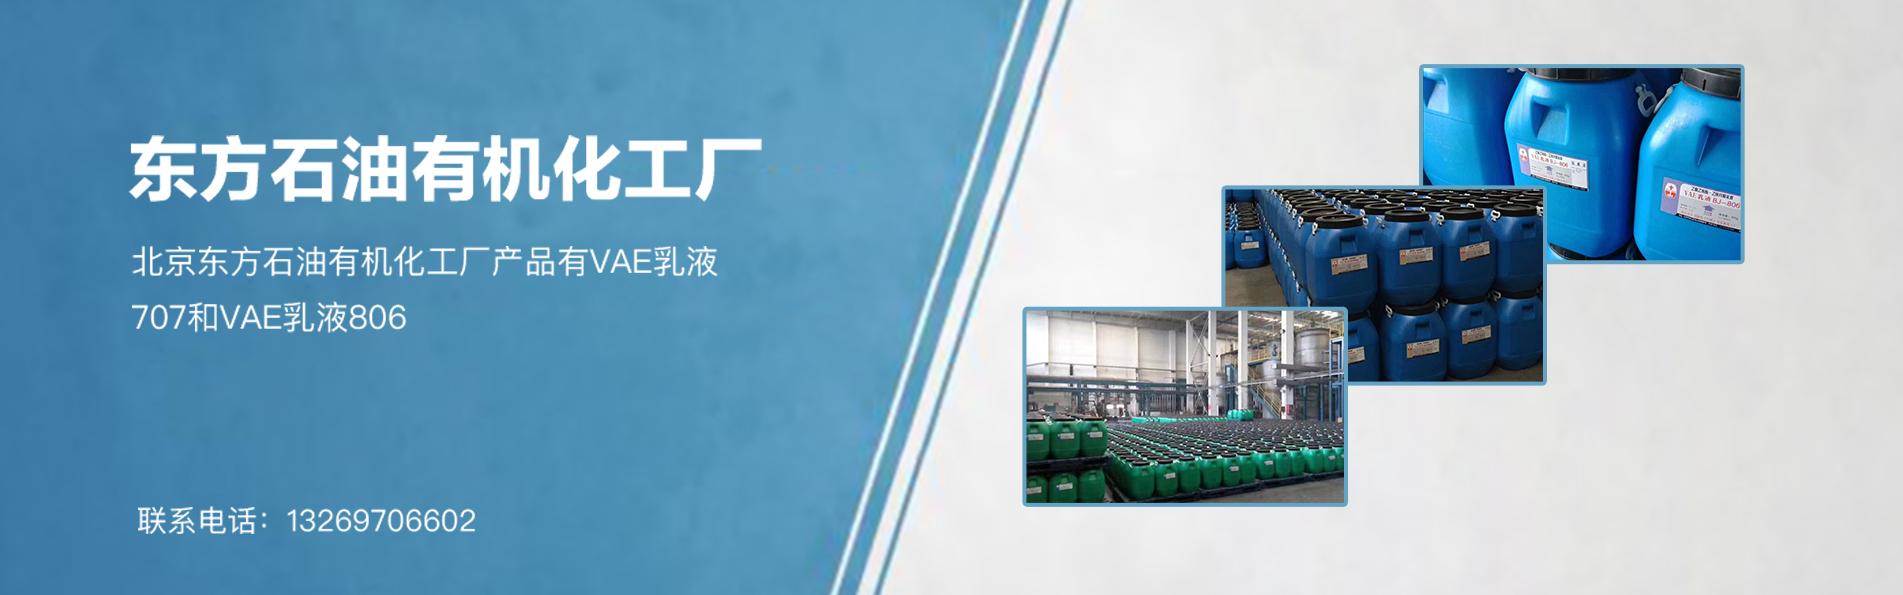 北京vae707乳液厂家